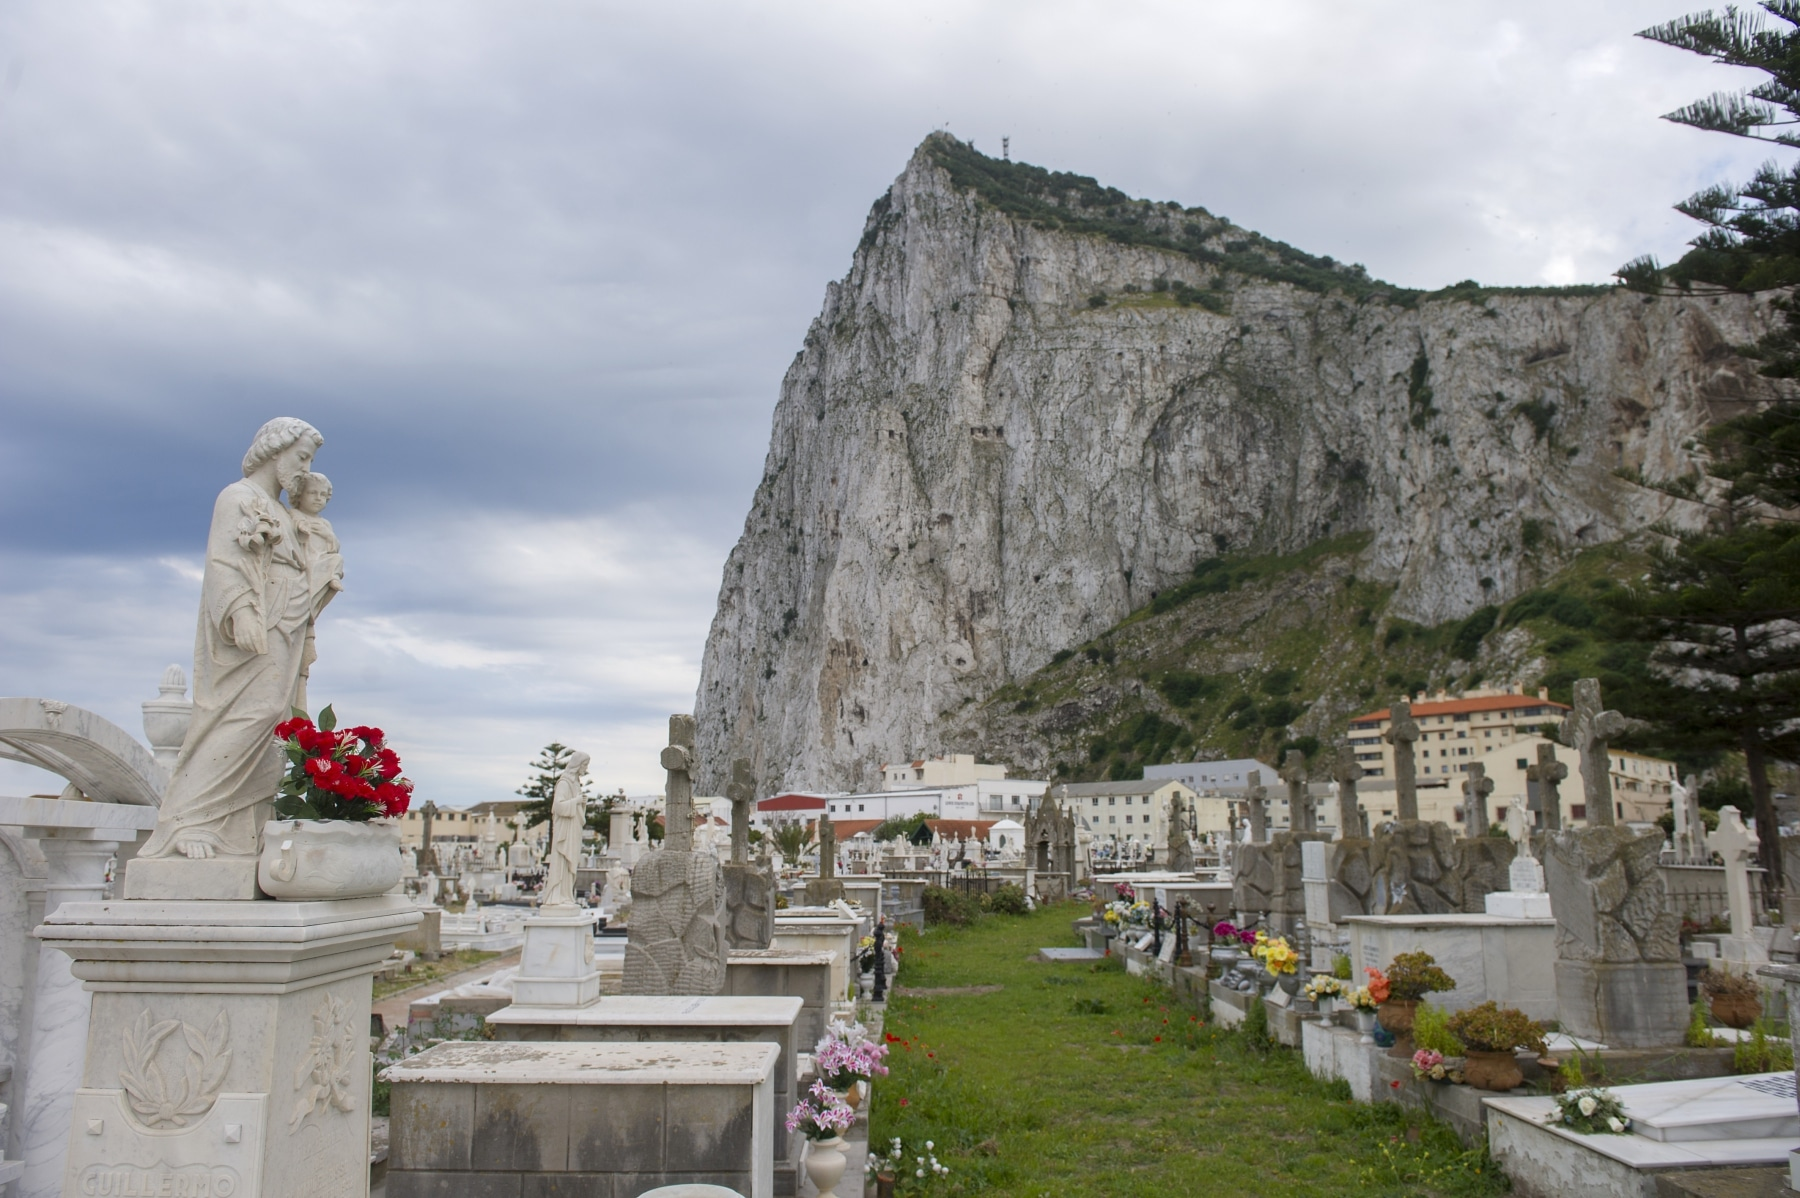 cementerio-catolico-gibraltar-01_9222238969_o